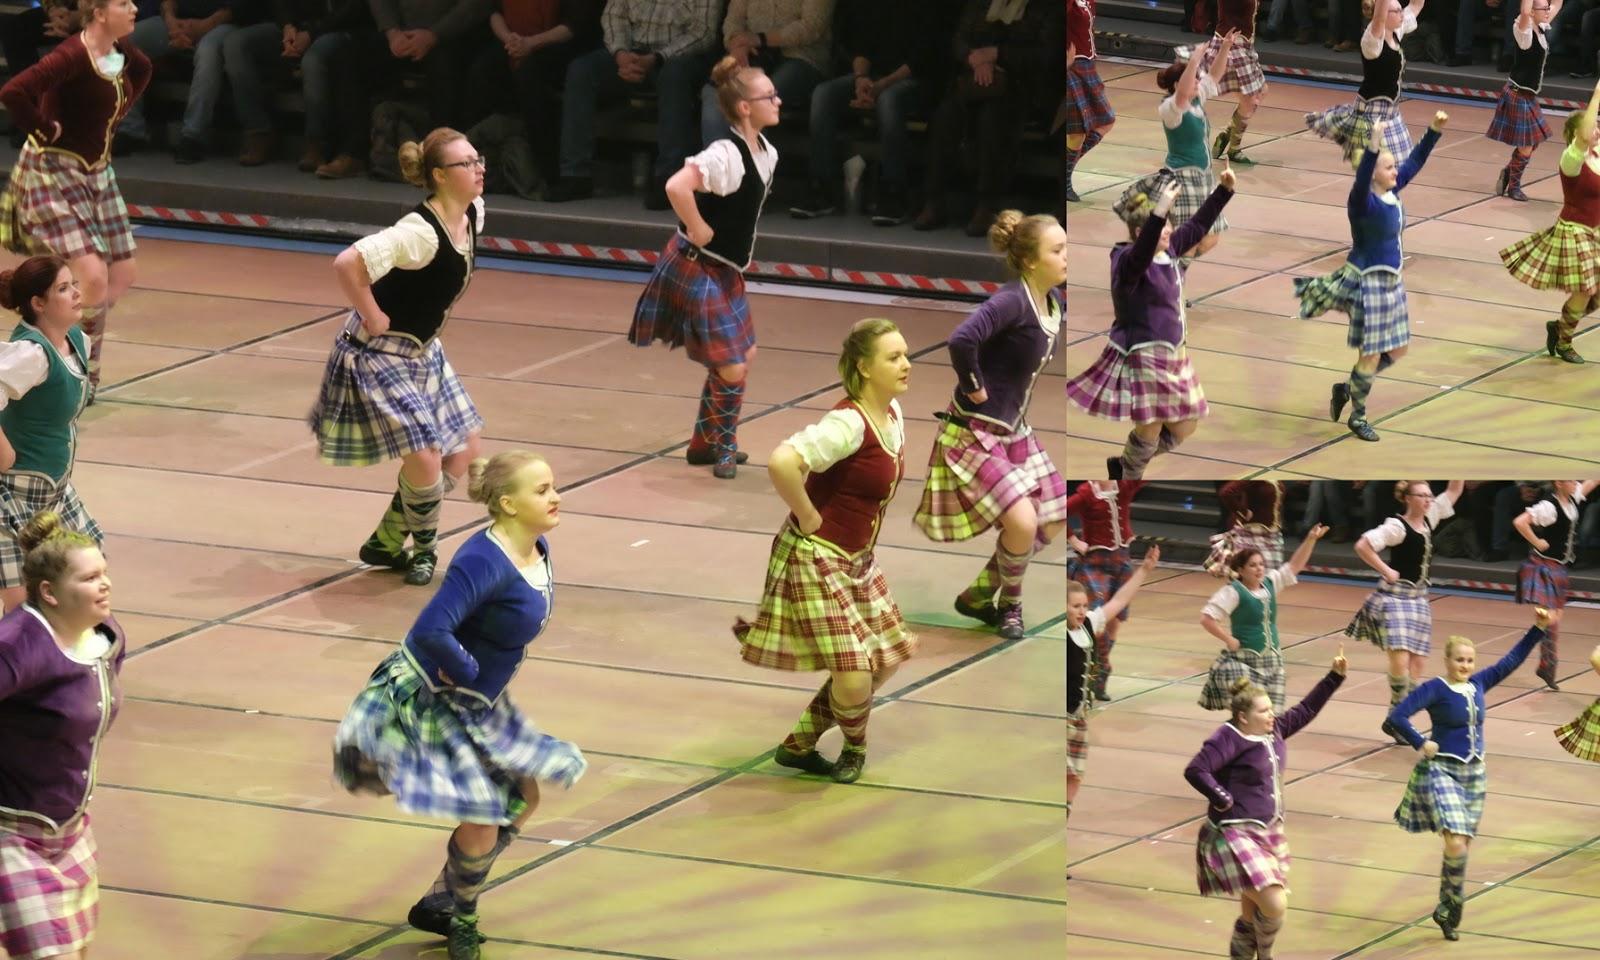 Wie Viele Fans Doch Der Schottische Dudelsack Hat! Er Ist Ein  Kulturphänomen, Das Weltweit Bestaunt Wird, In Europa Gar Zur Bildung Von  Etlichen Musik  Und ...